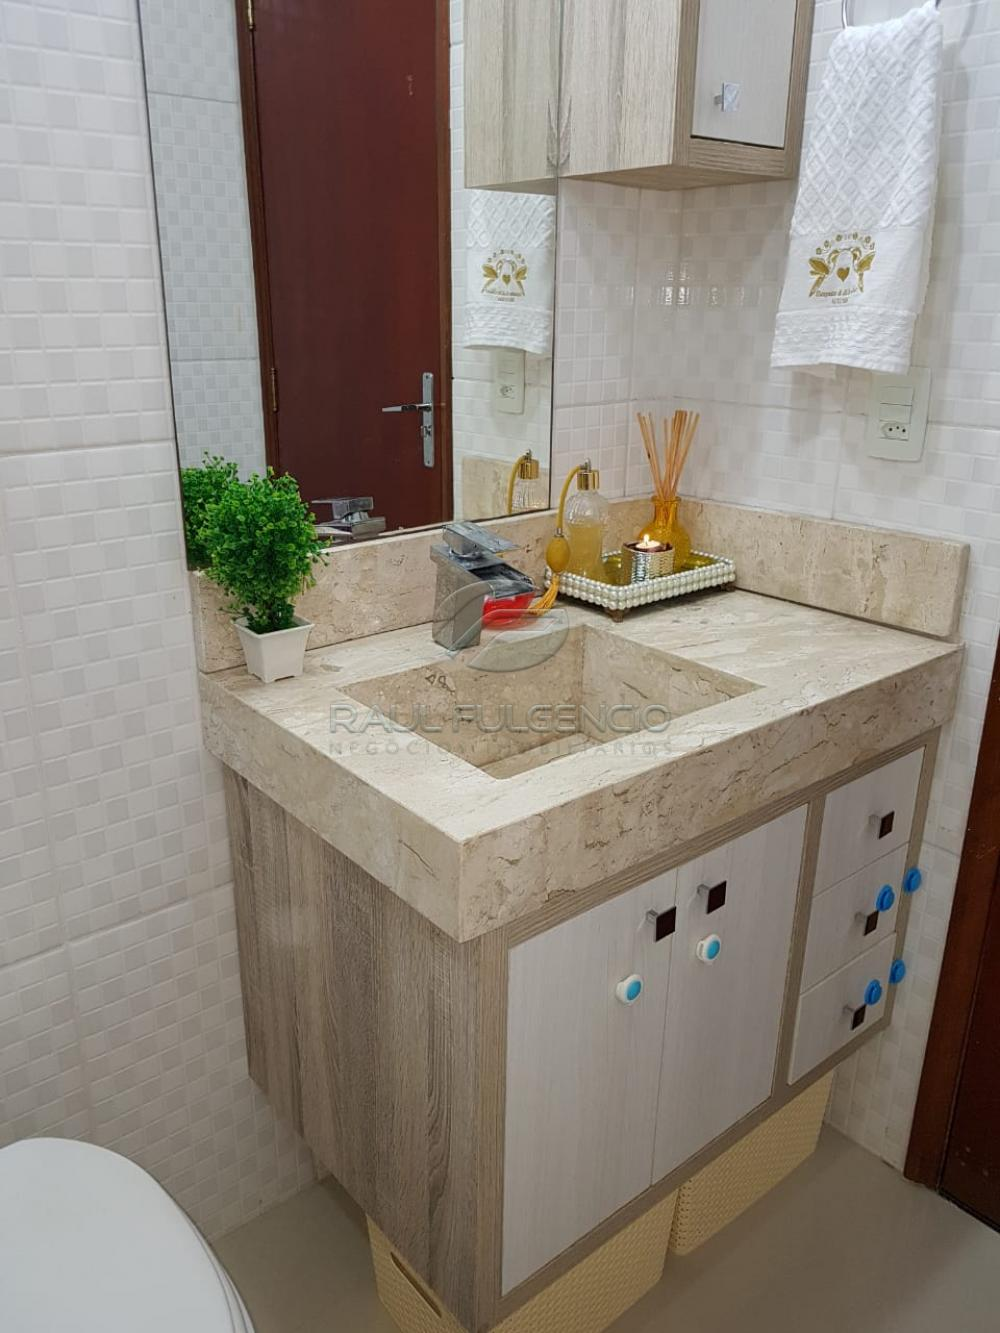 Comprar Apartamento / Padrão em Londrina apenas R$ 285.000,00 - Foto 11